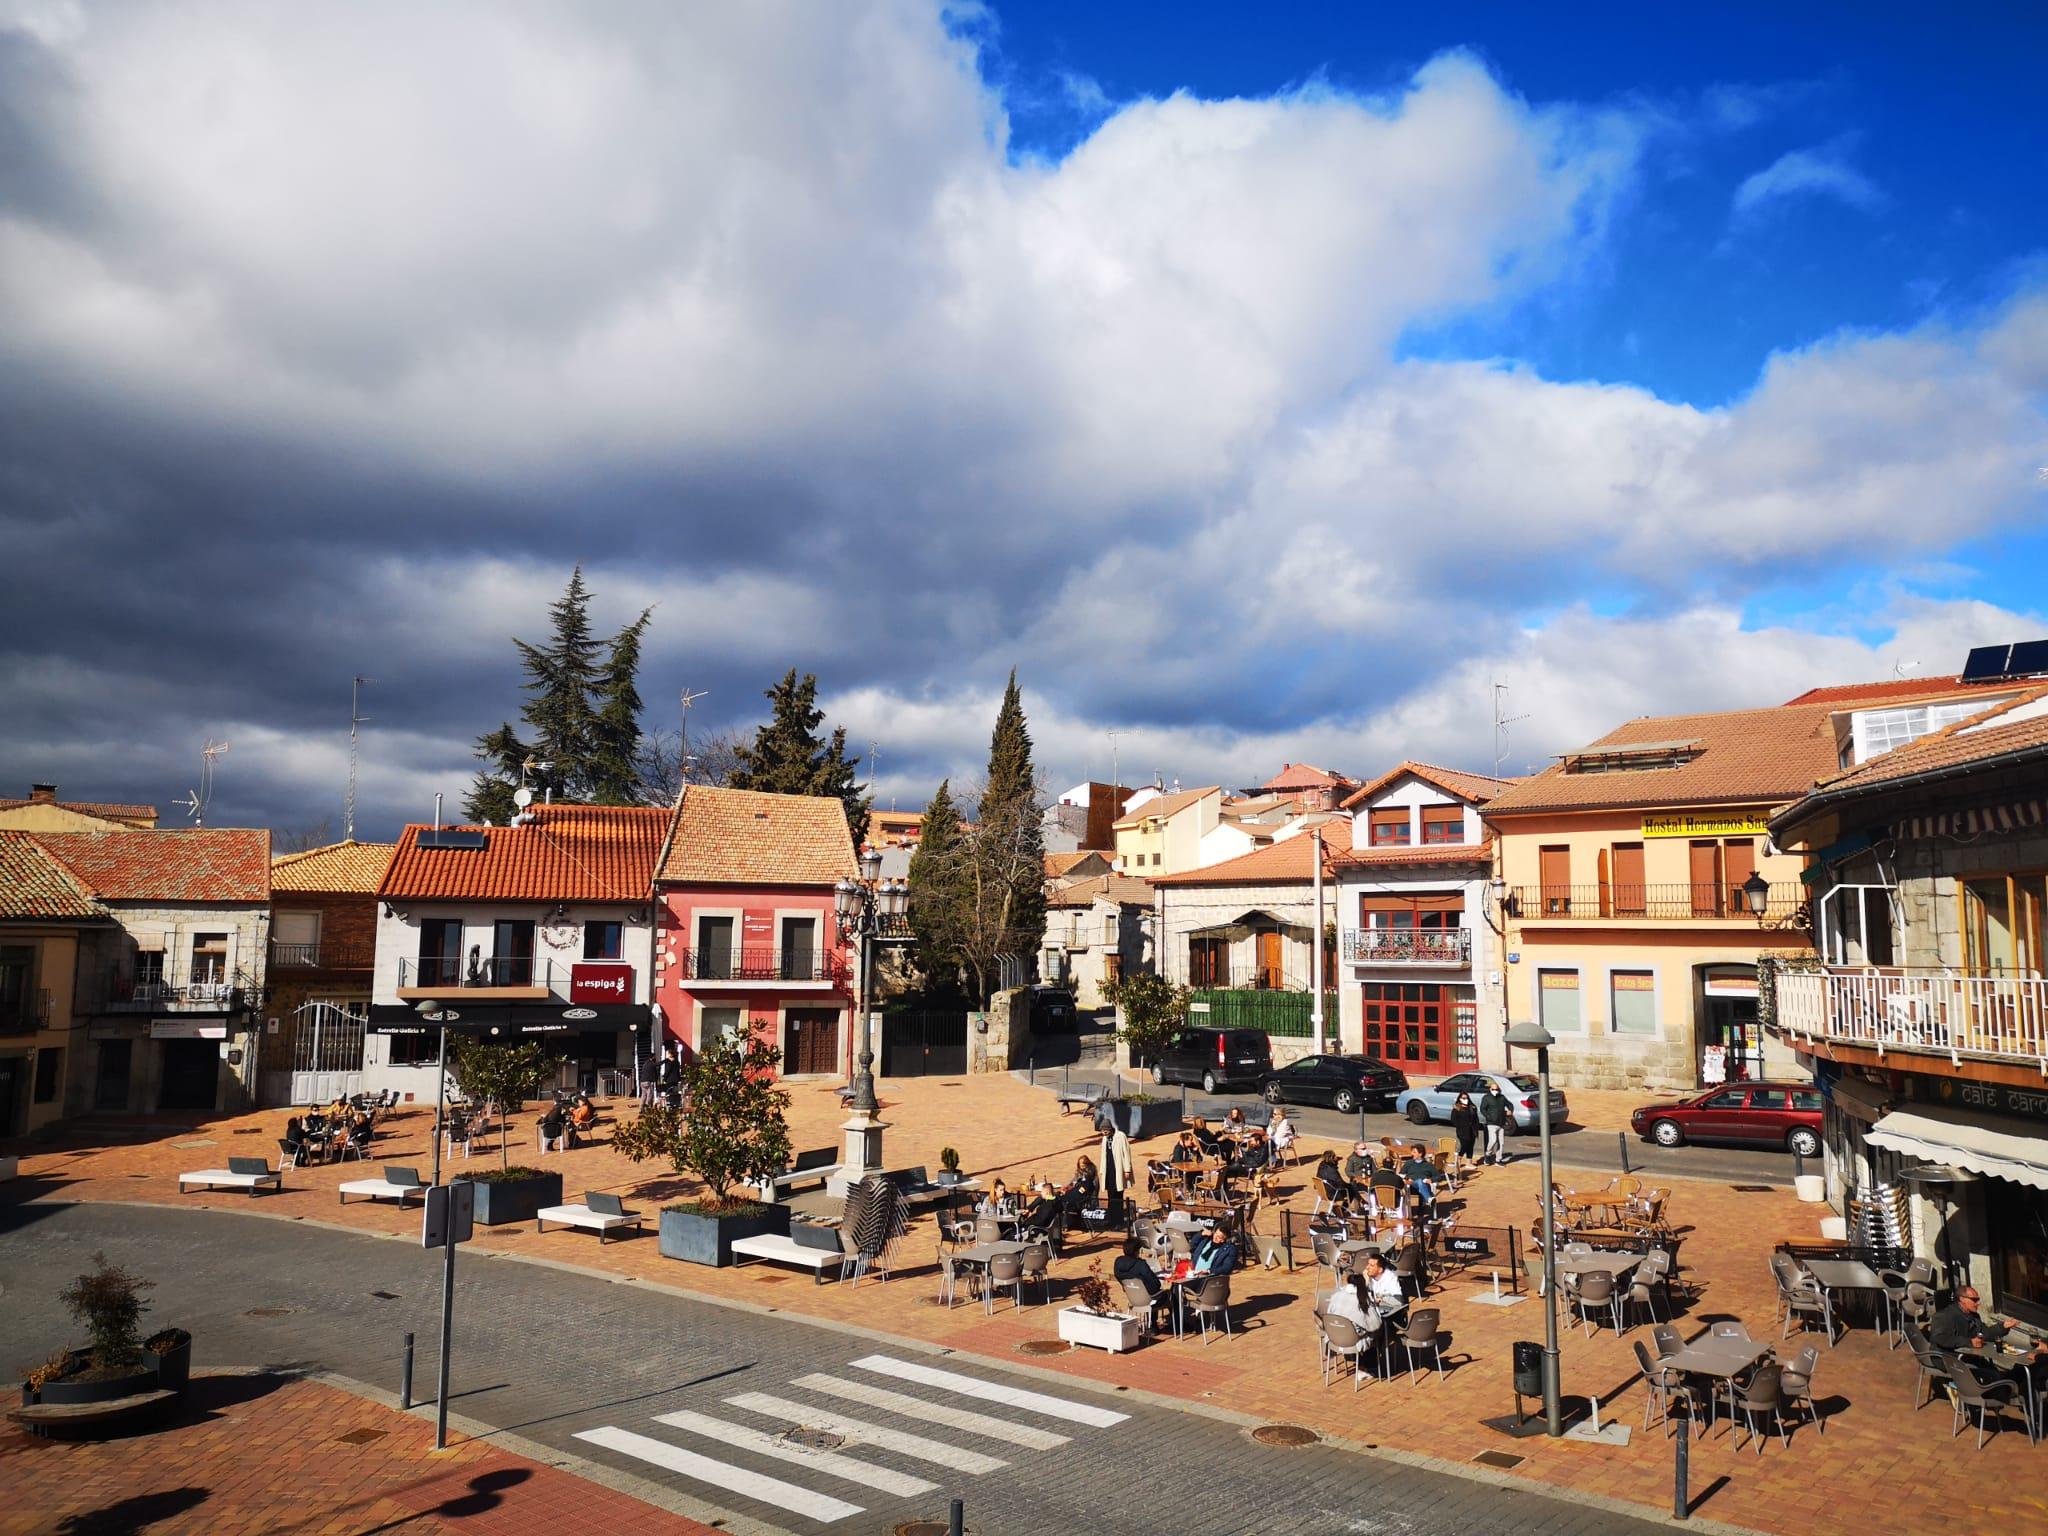 La Junta de Gobierno Local acuerda el cierre de  la principal vía urbana de Valdemorillo en Semana Santa  para facilitar un mayor espacio para el paseo y disfrute de las familias, al tiempo que se contribuye a la dinamización de la actividad económica